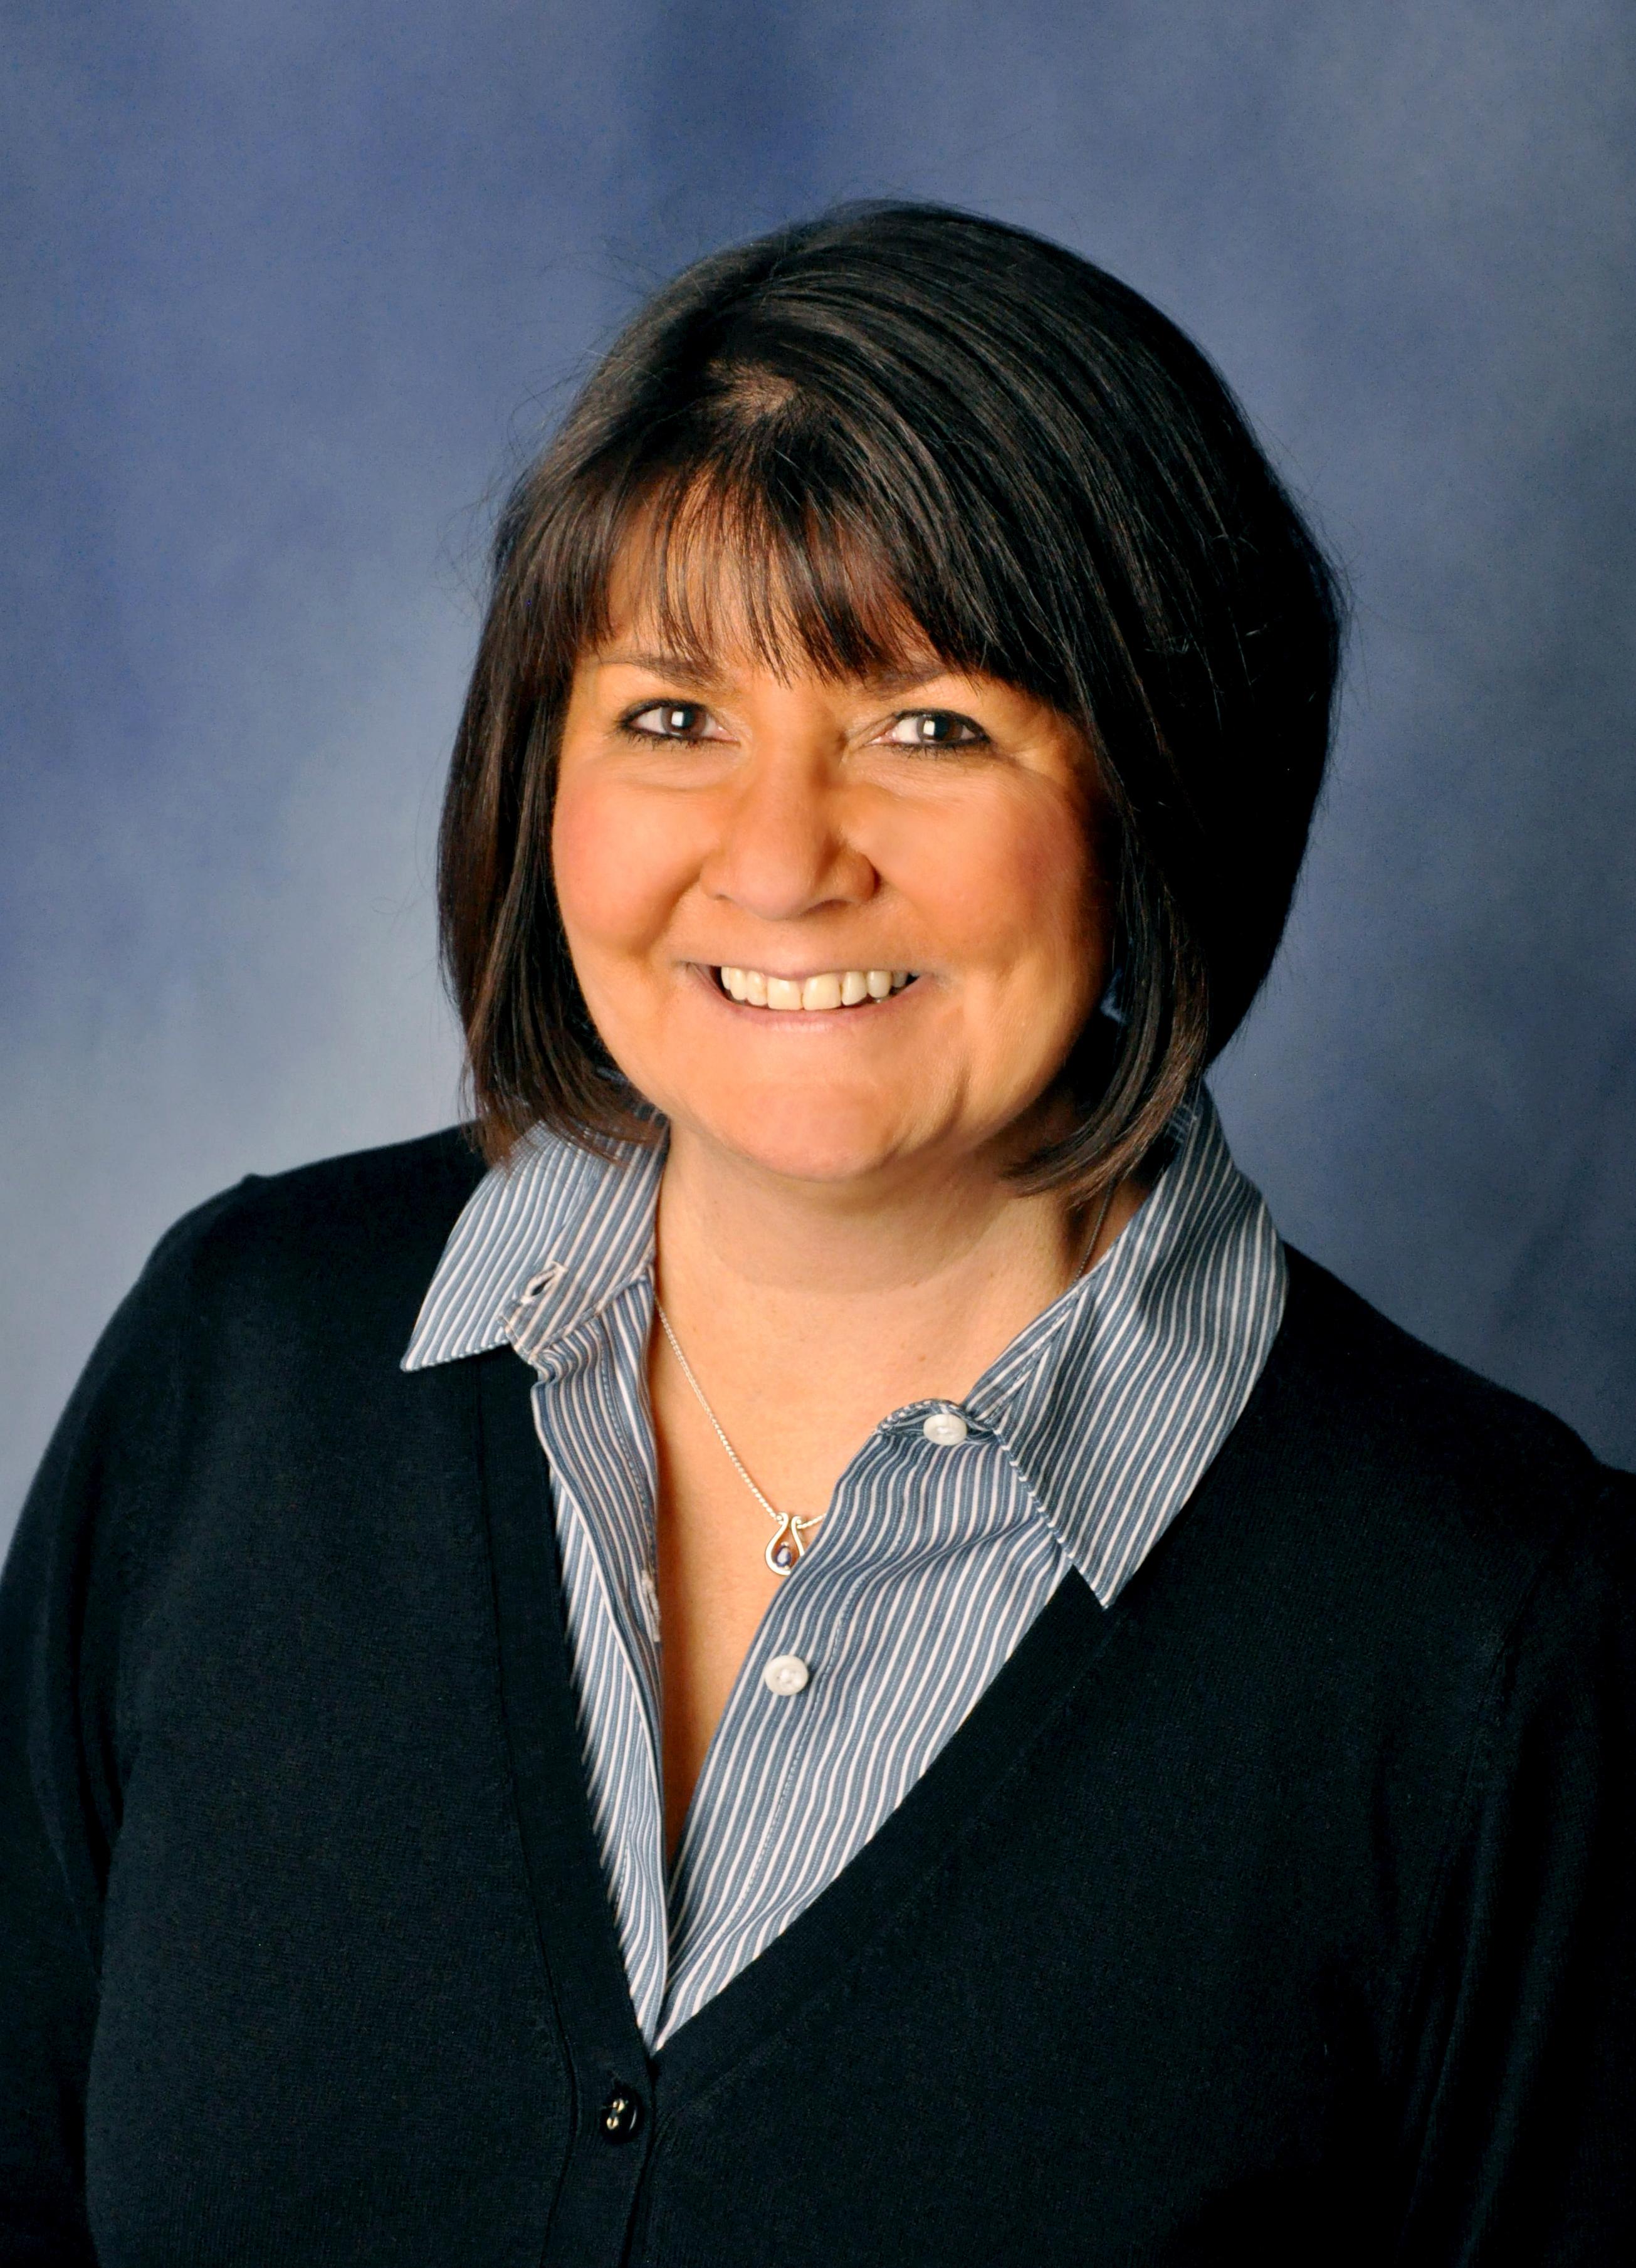 Carolyn Krueger